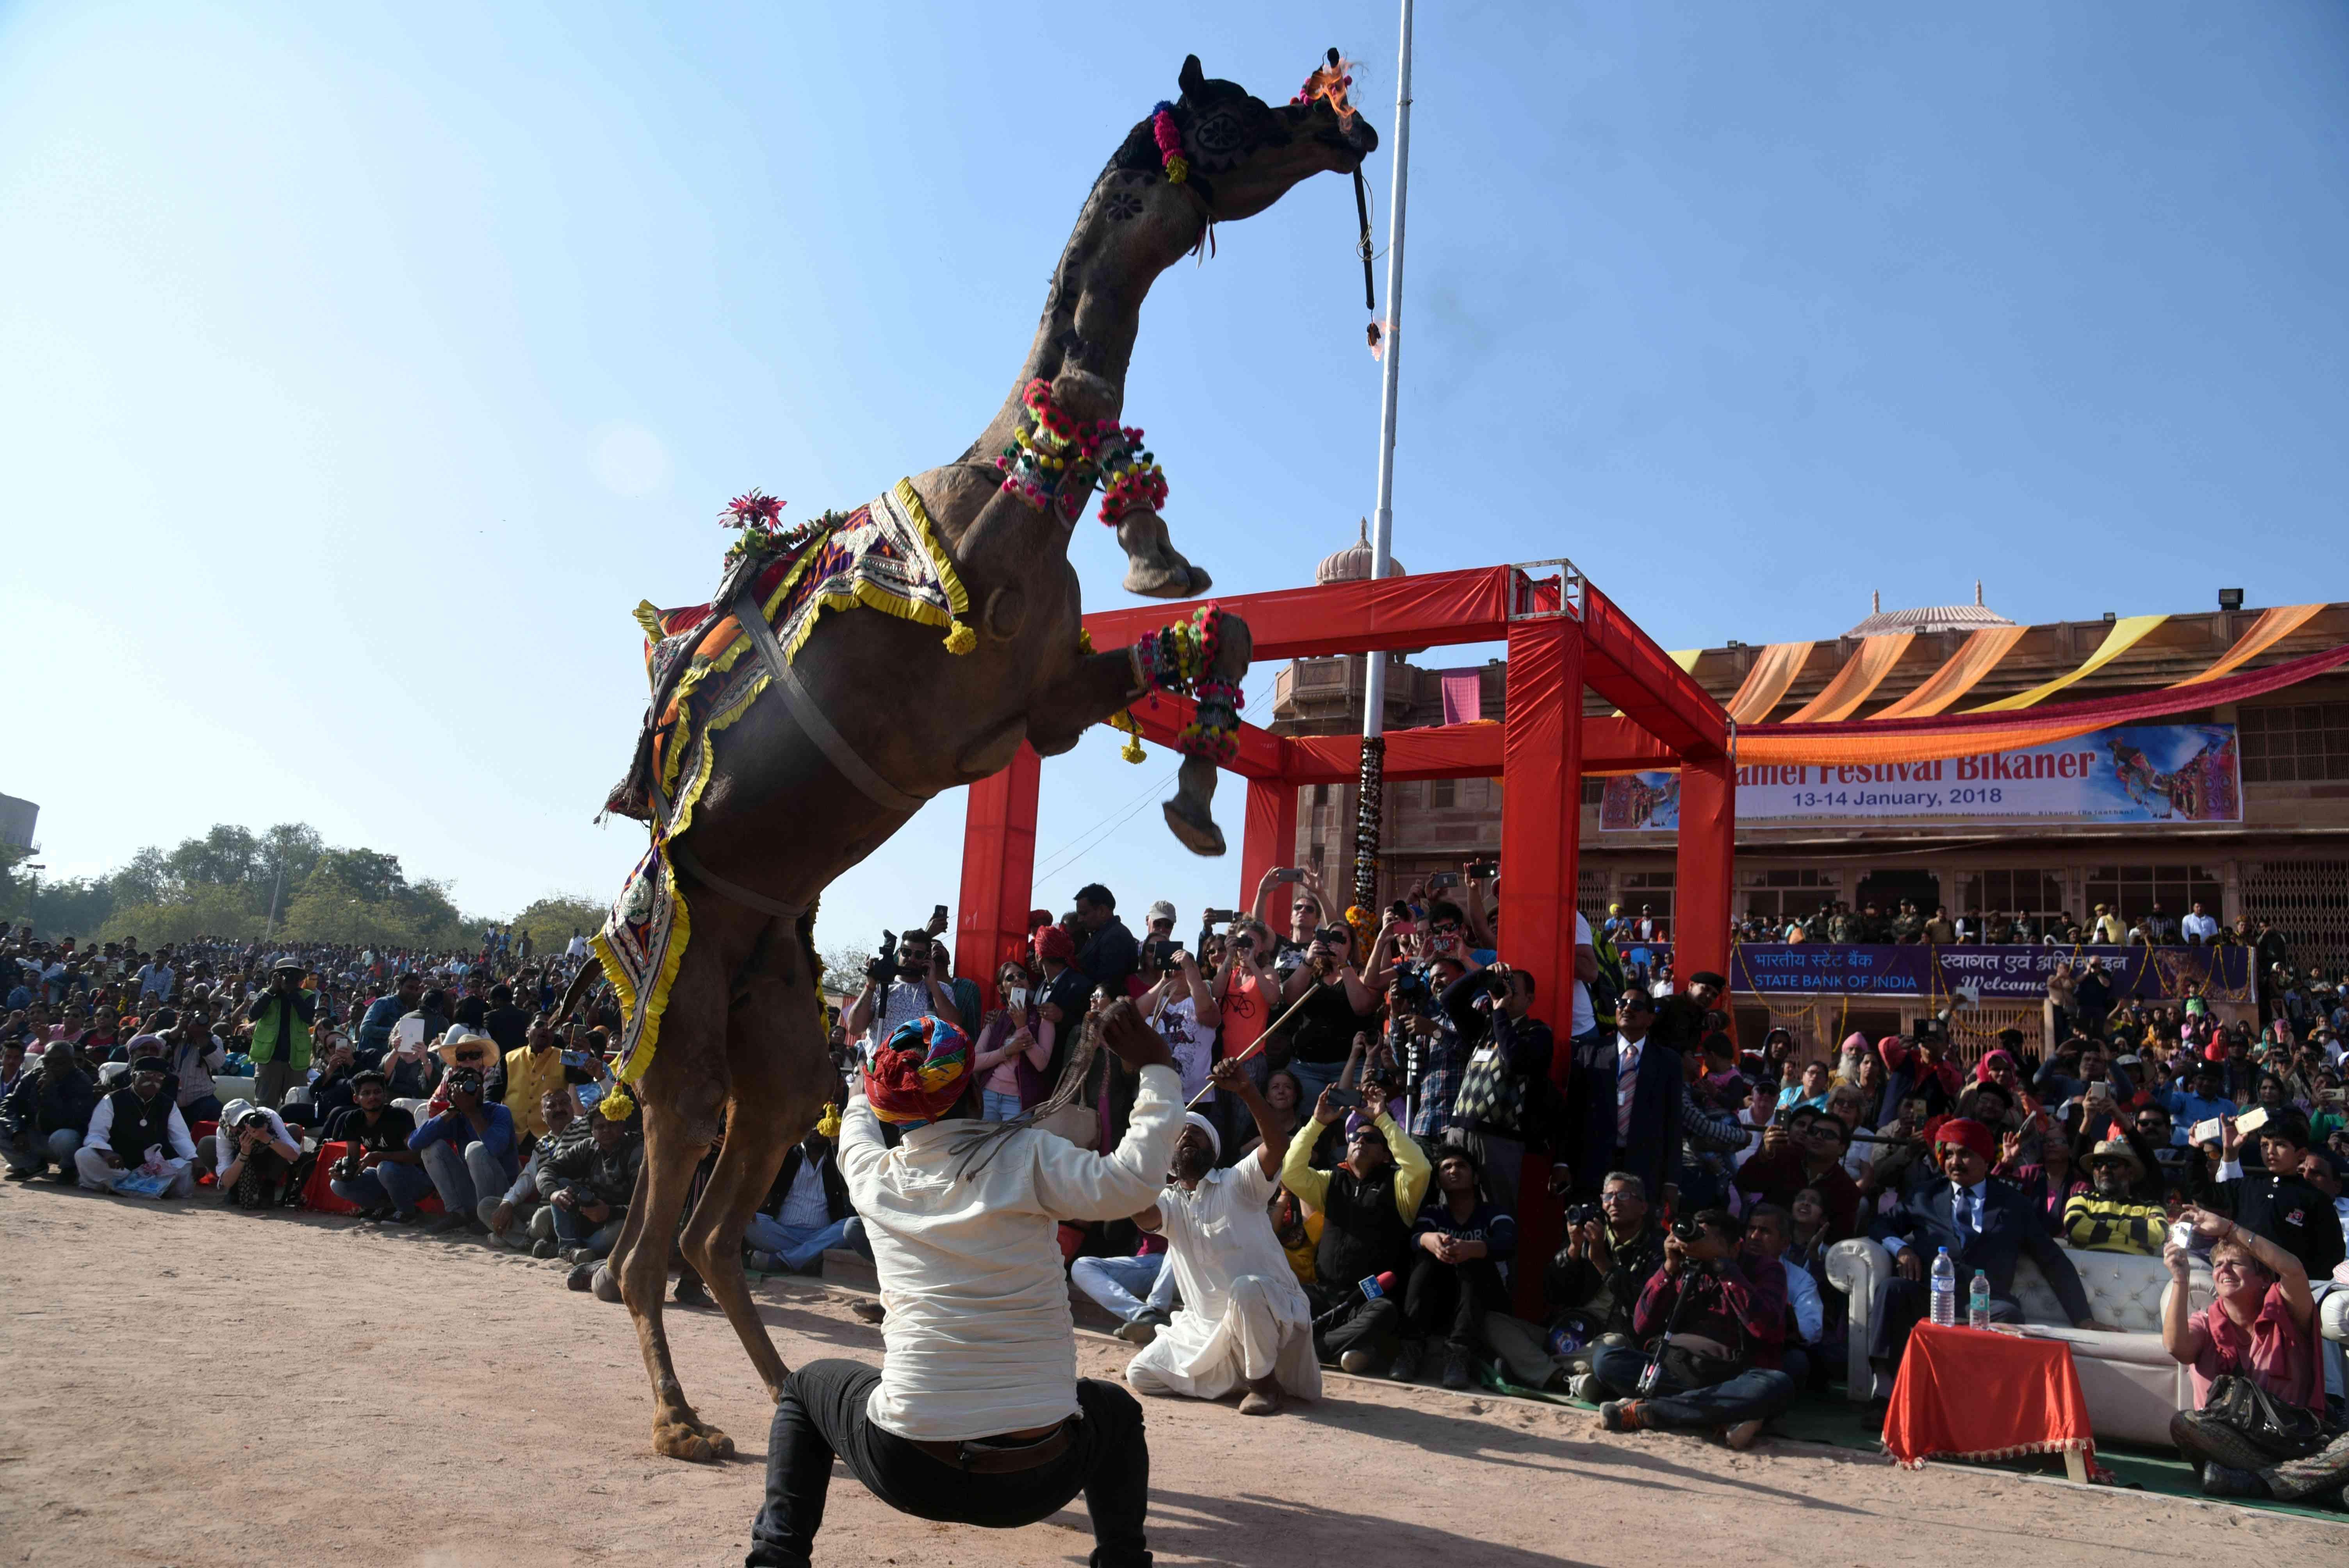 camel dance